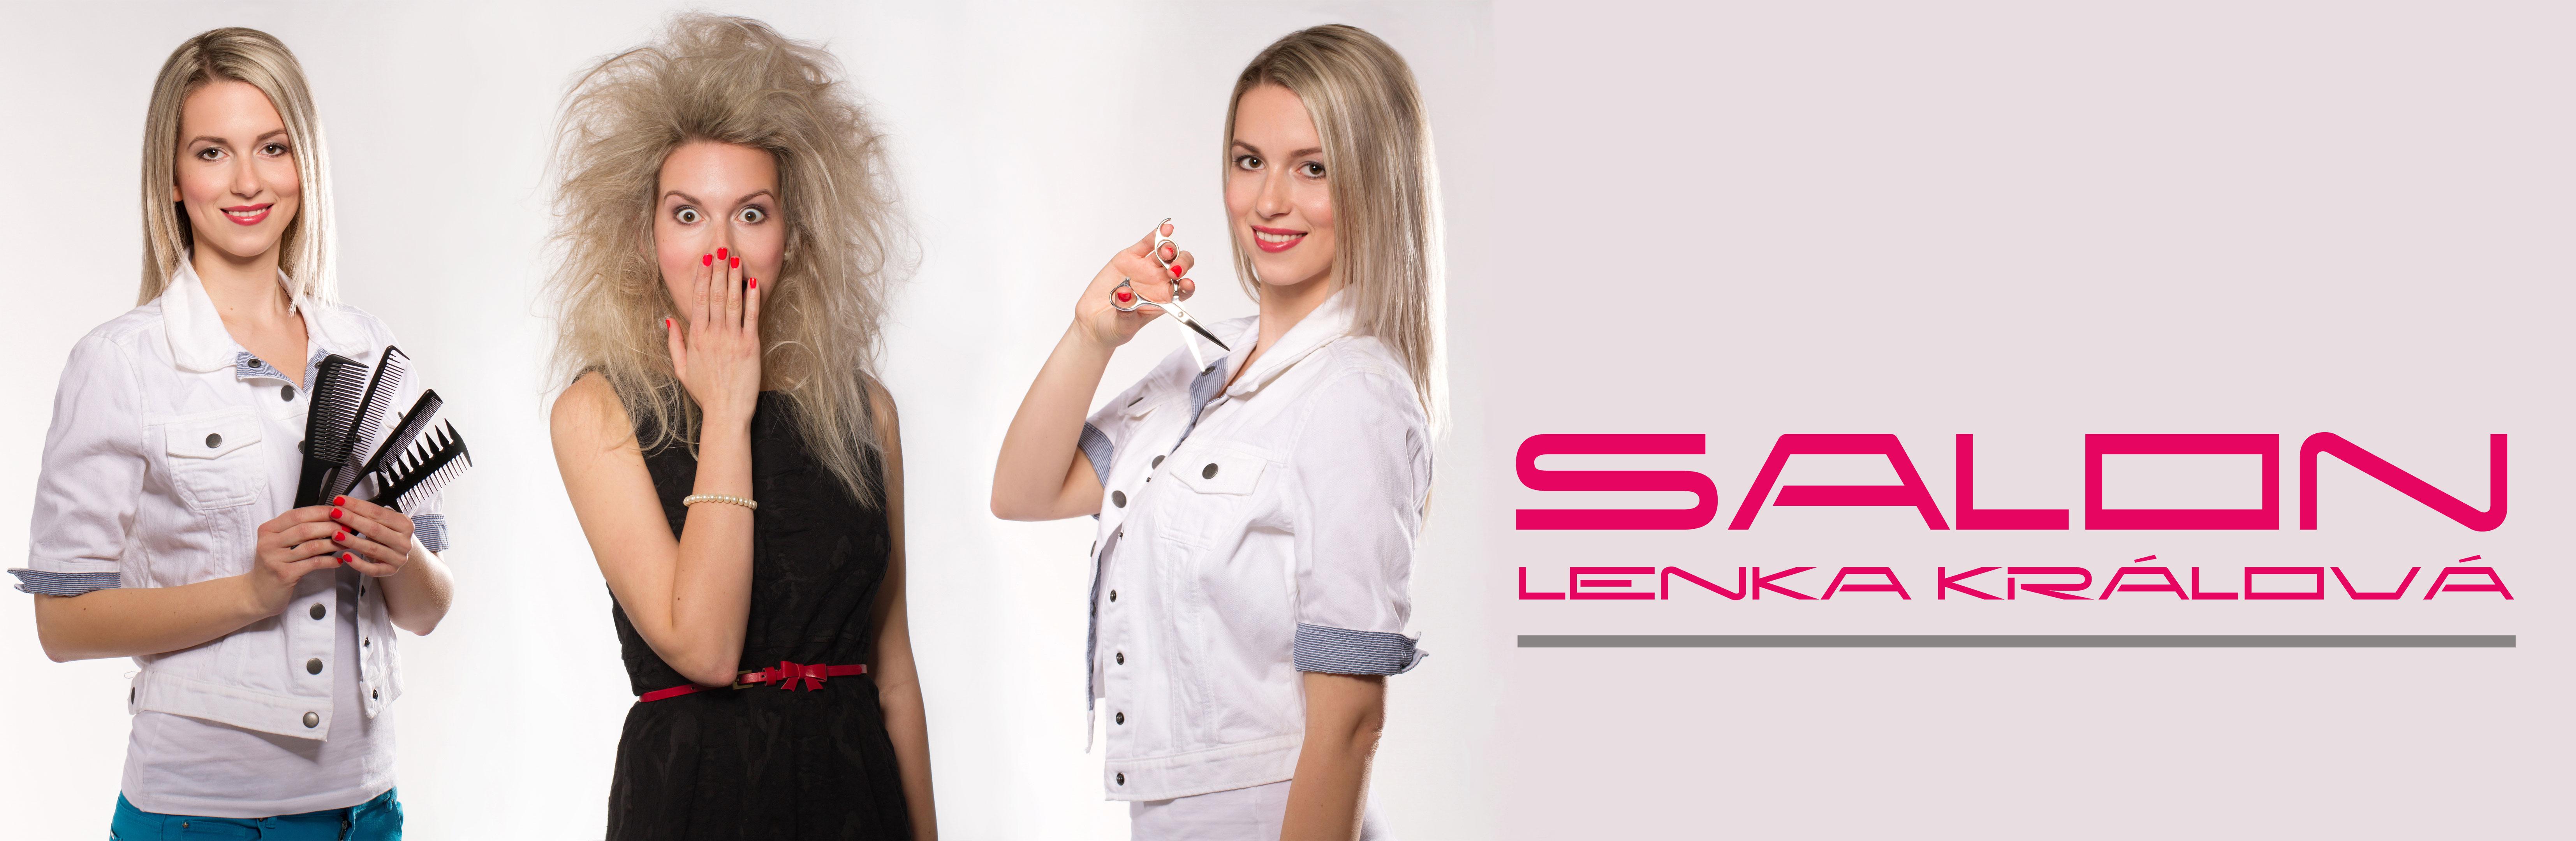 Salon Lenka Králová